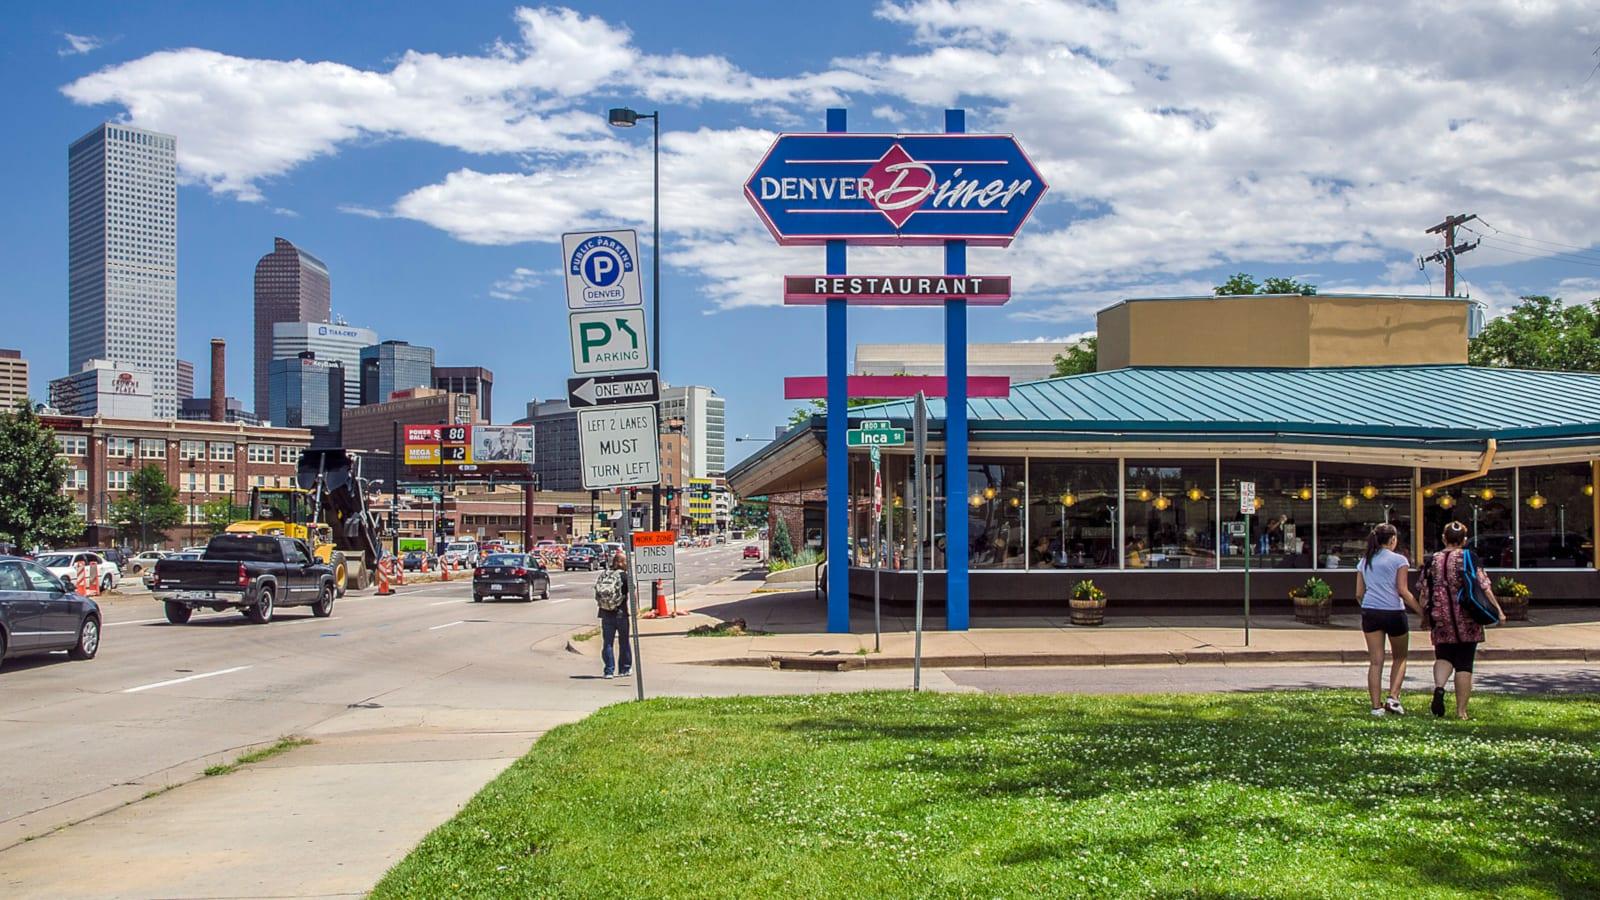 Travel Destination Denver Diner Restaurant Food